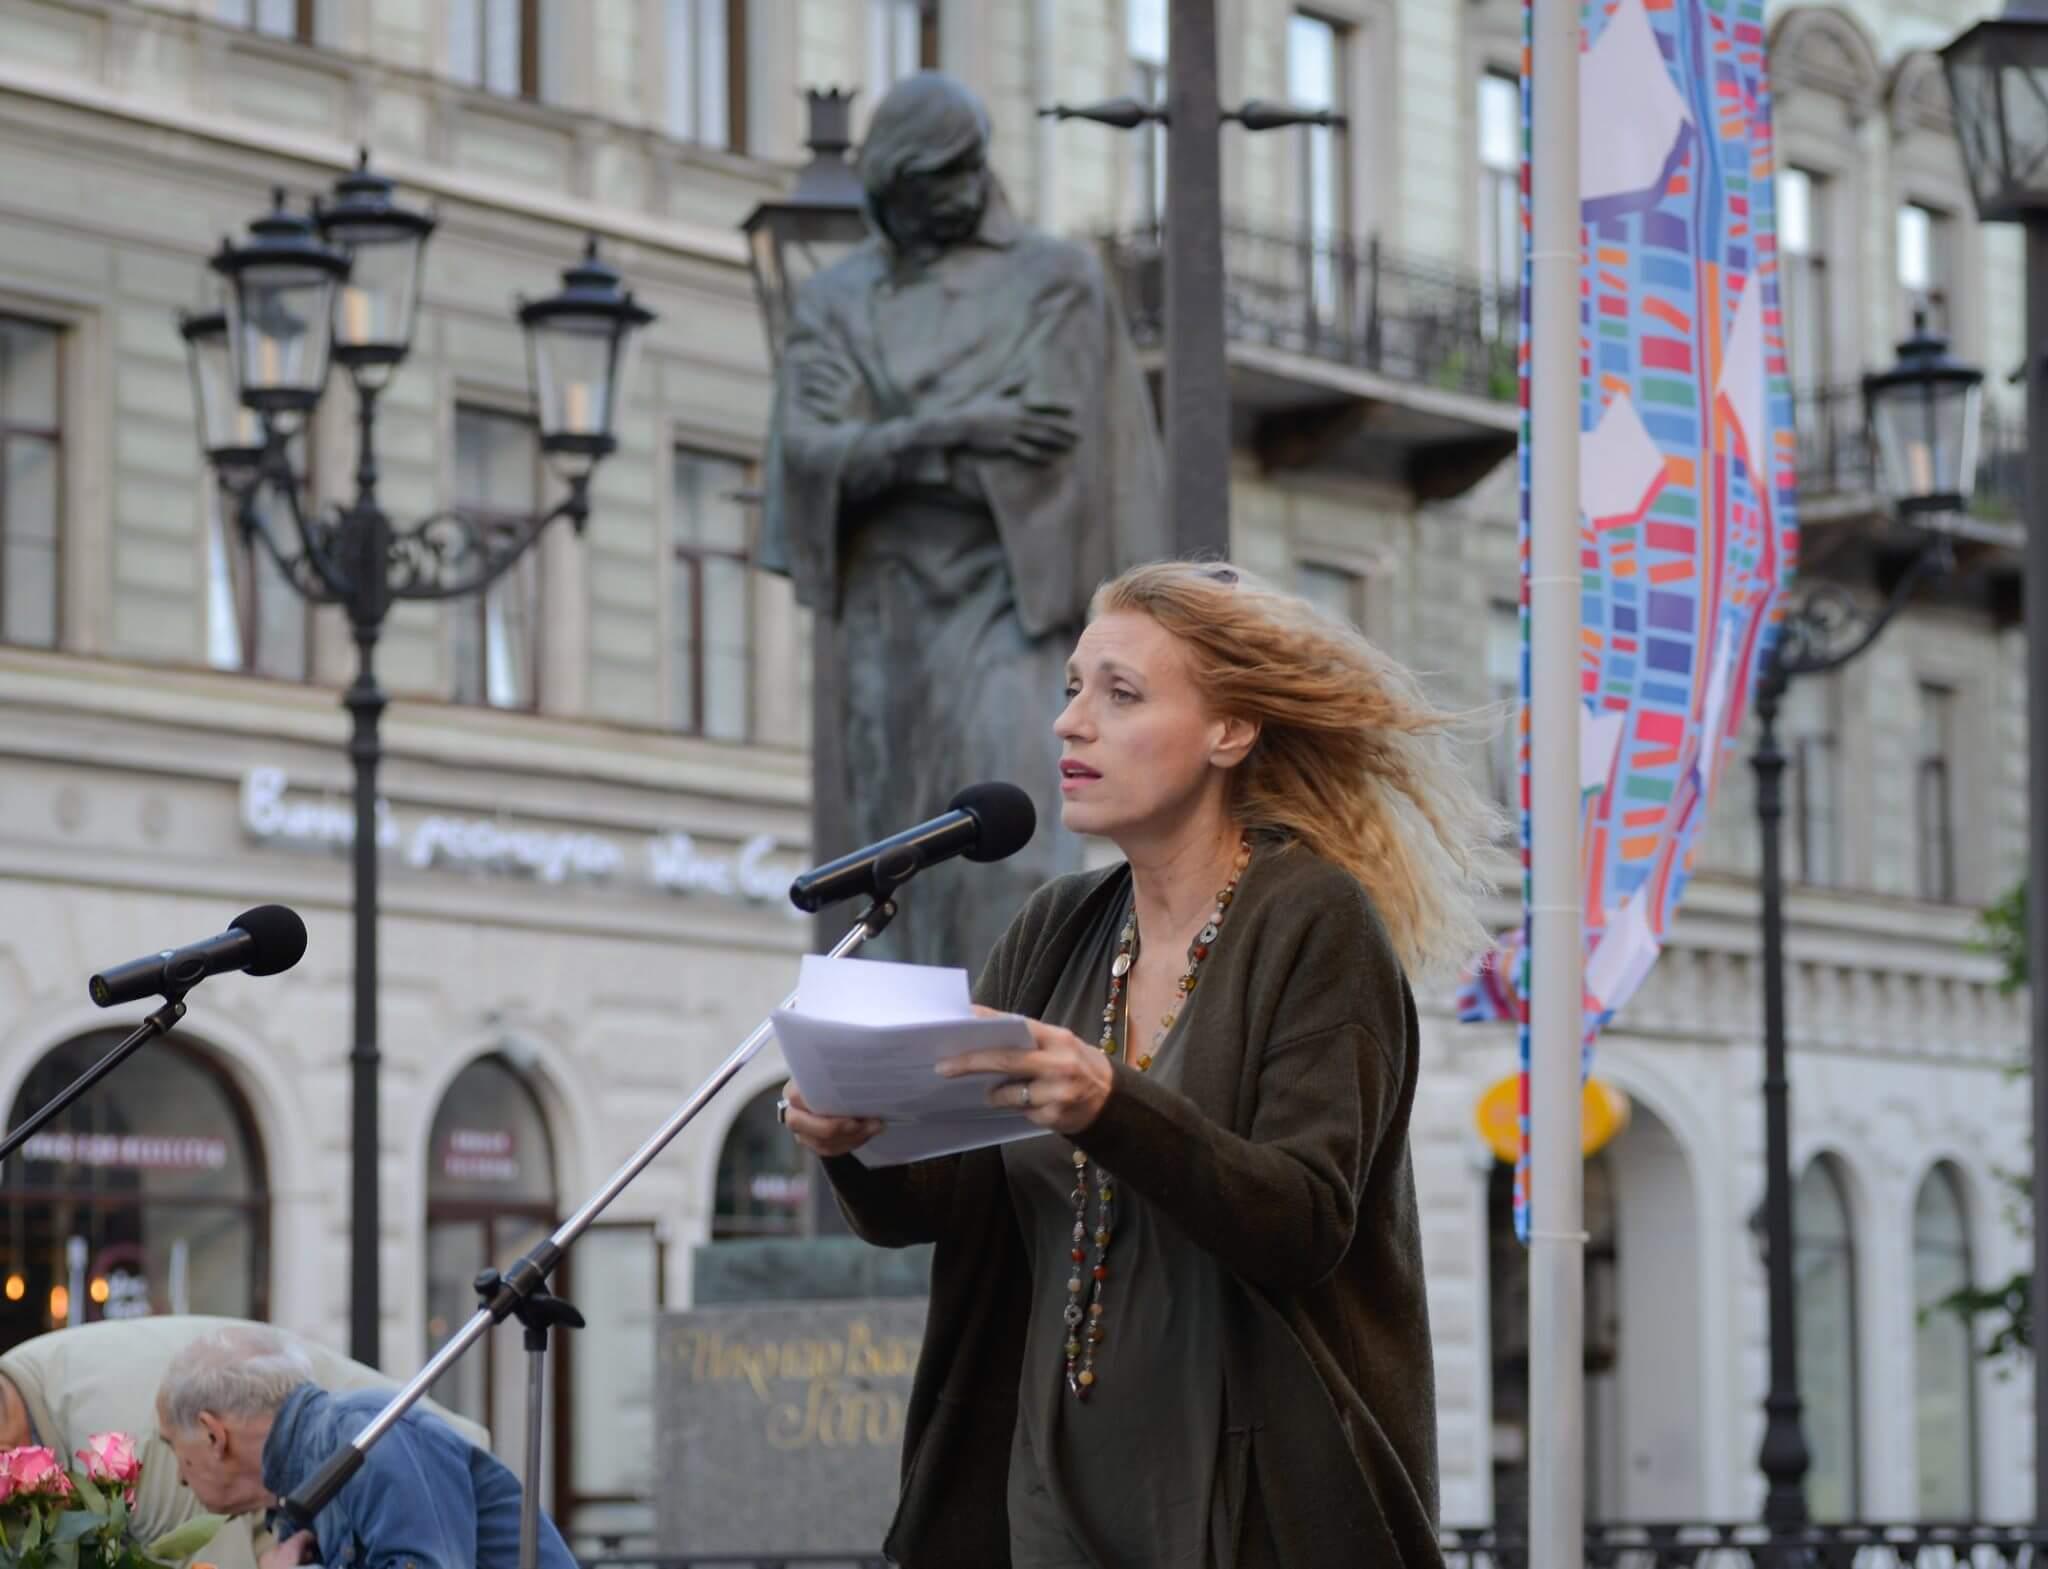 Лауреат конкурса ЗАБЛУДИВШИЙСЯ ТРАМВАЙ Татьяна Вольтская